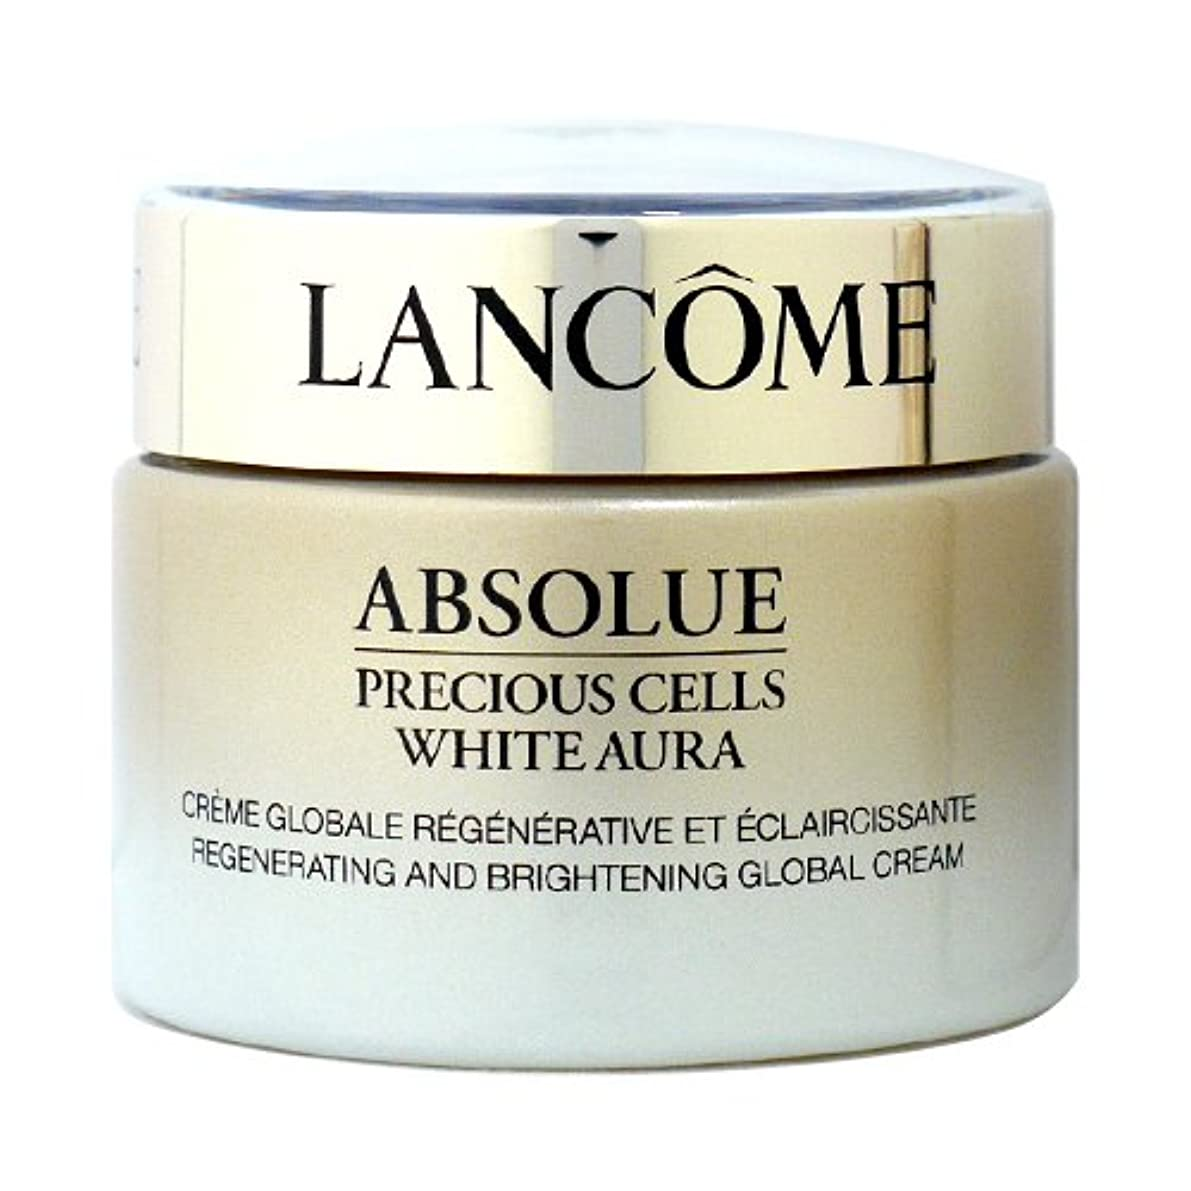 管理者動脈同意するランコム アプソリュ プレシャスセル ホワイトオーラ クリーム N 50ml